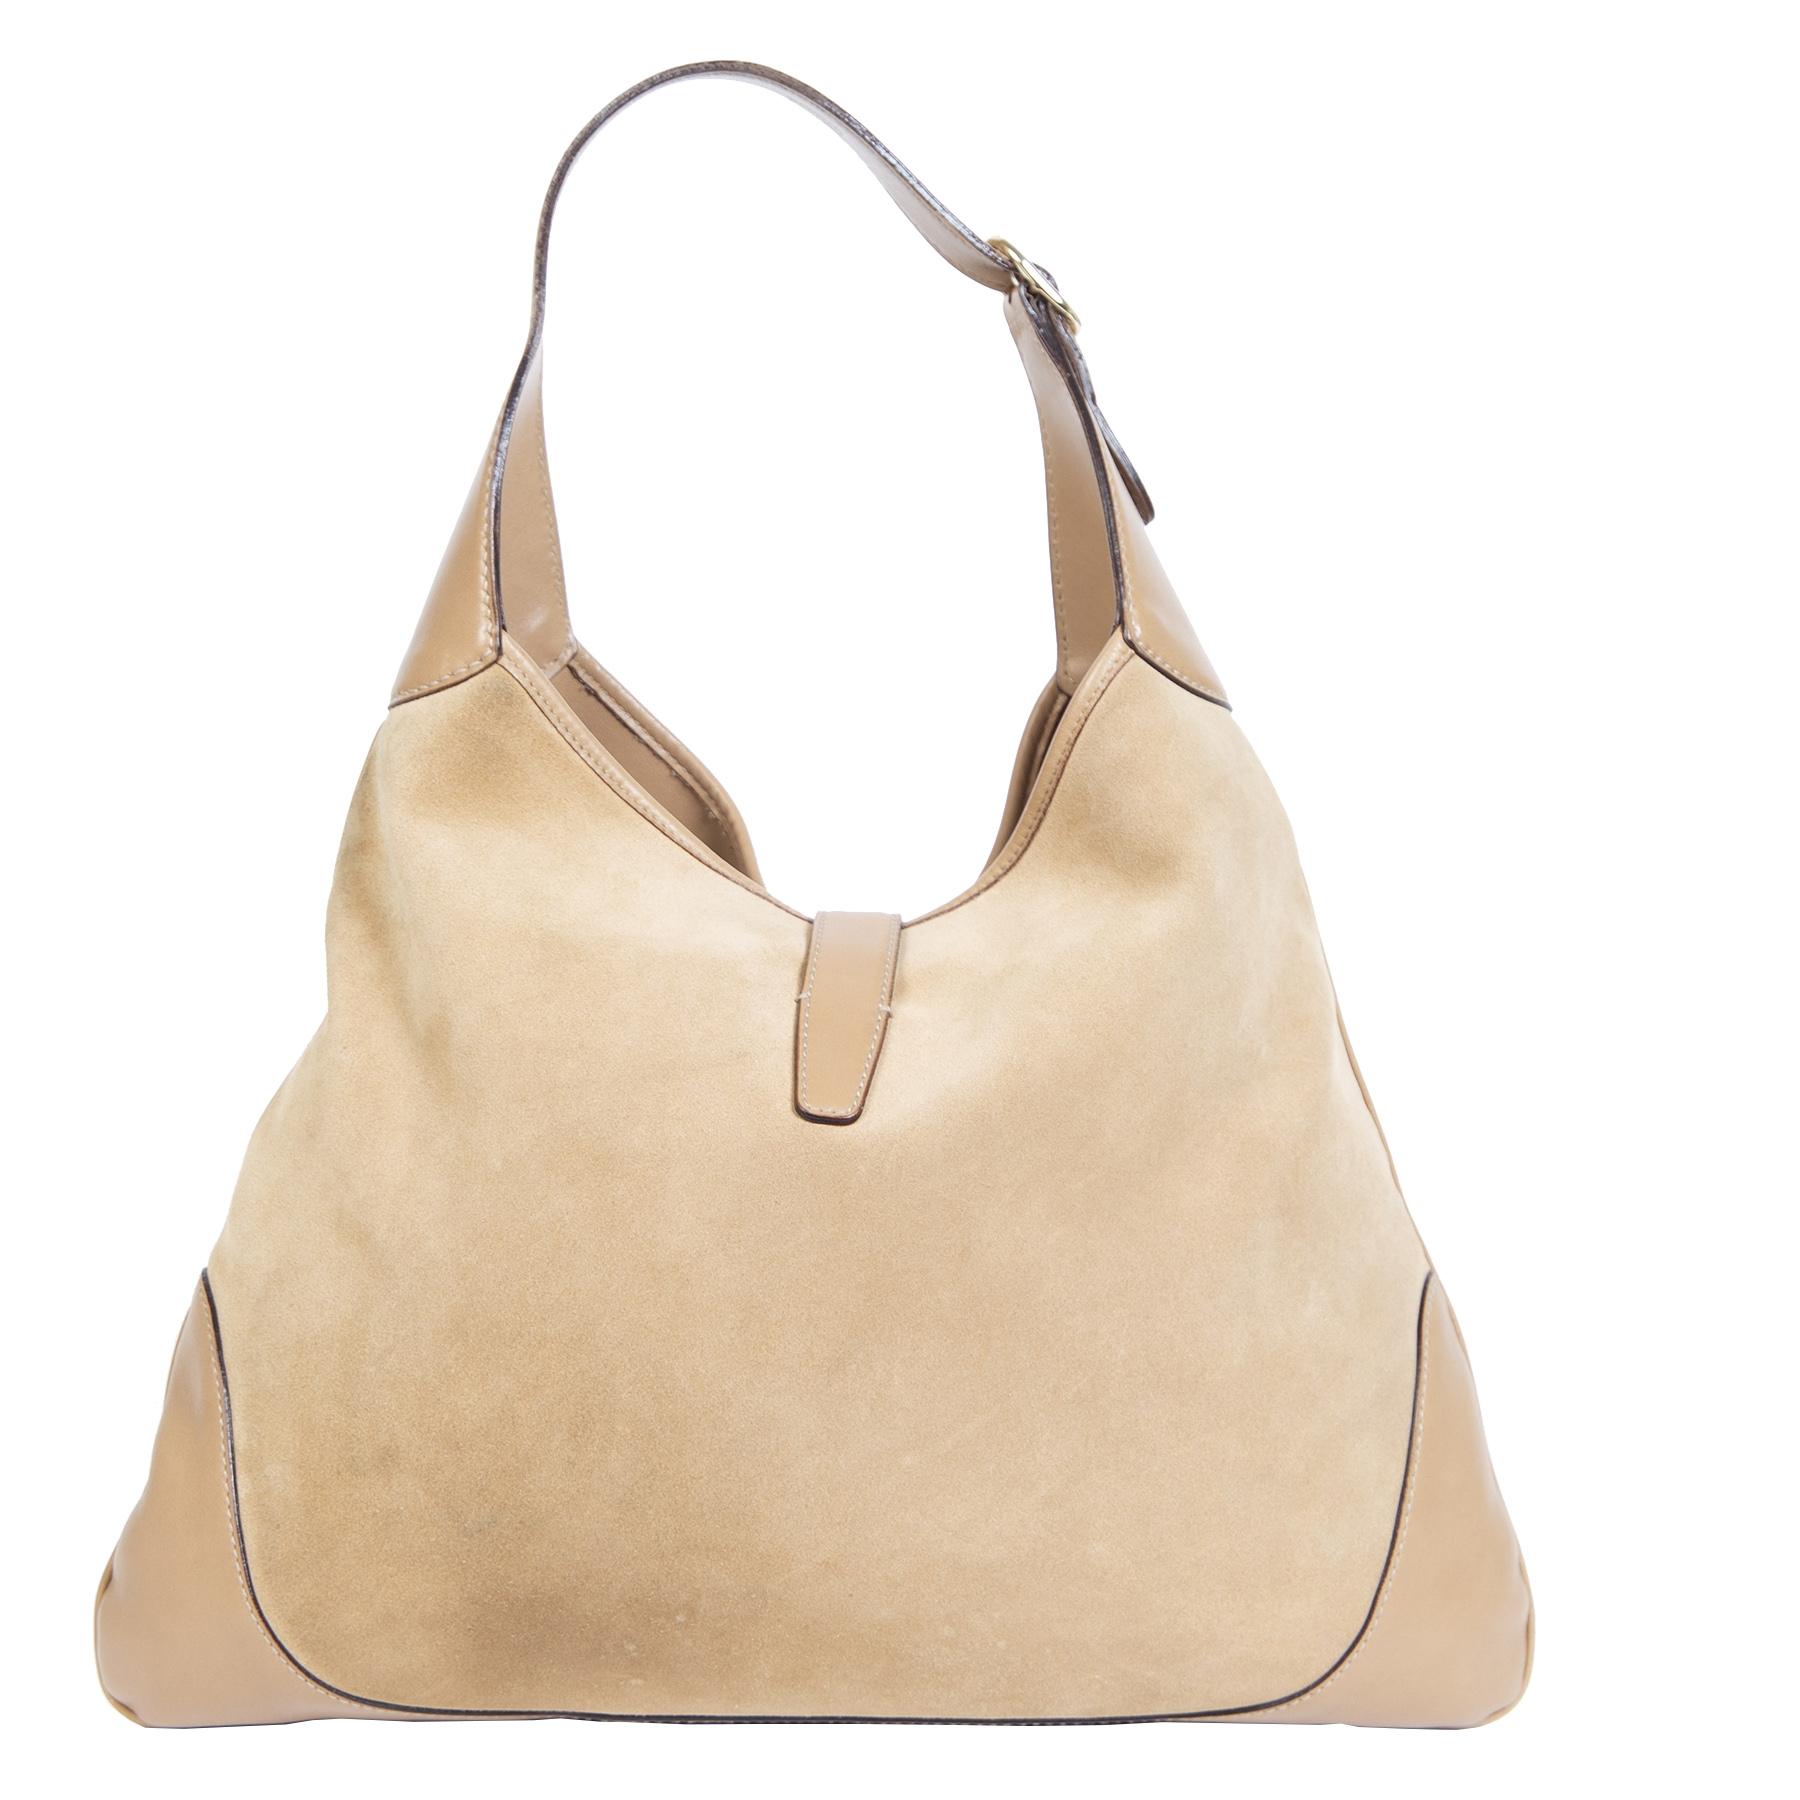 Authentieke Tweedehands Gucci Jackie Suede Hobo Bag juiste prijs veilig online shoppen luxe merken webshop winkelen Antwerpen België mode fashion